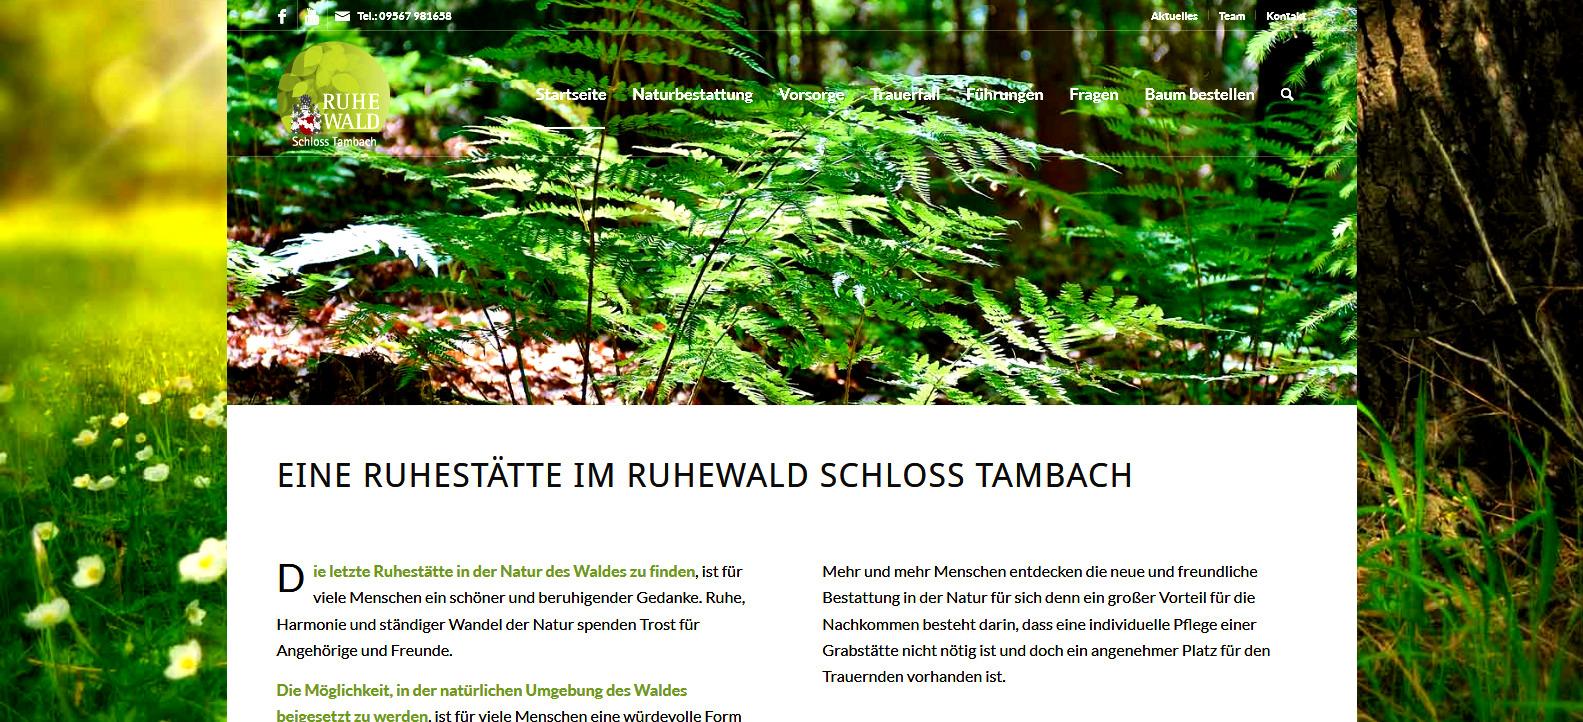 Ruhewald Schloss Tambach – Naturbestattung